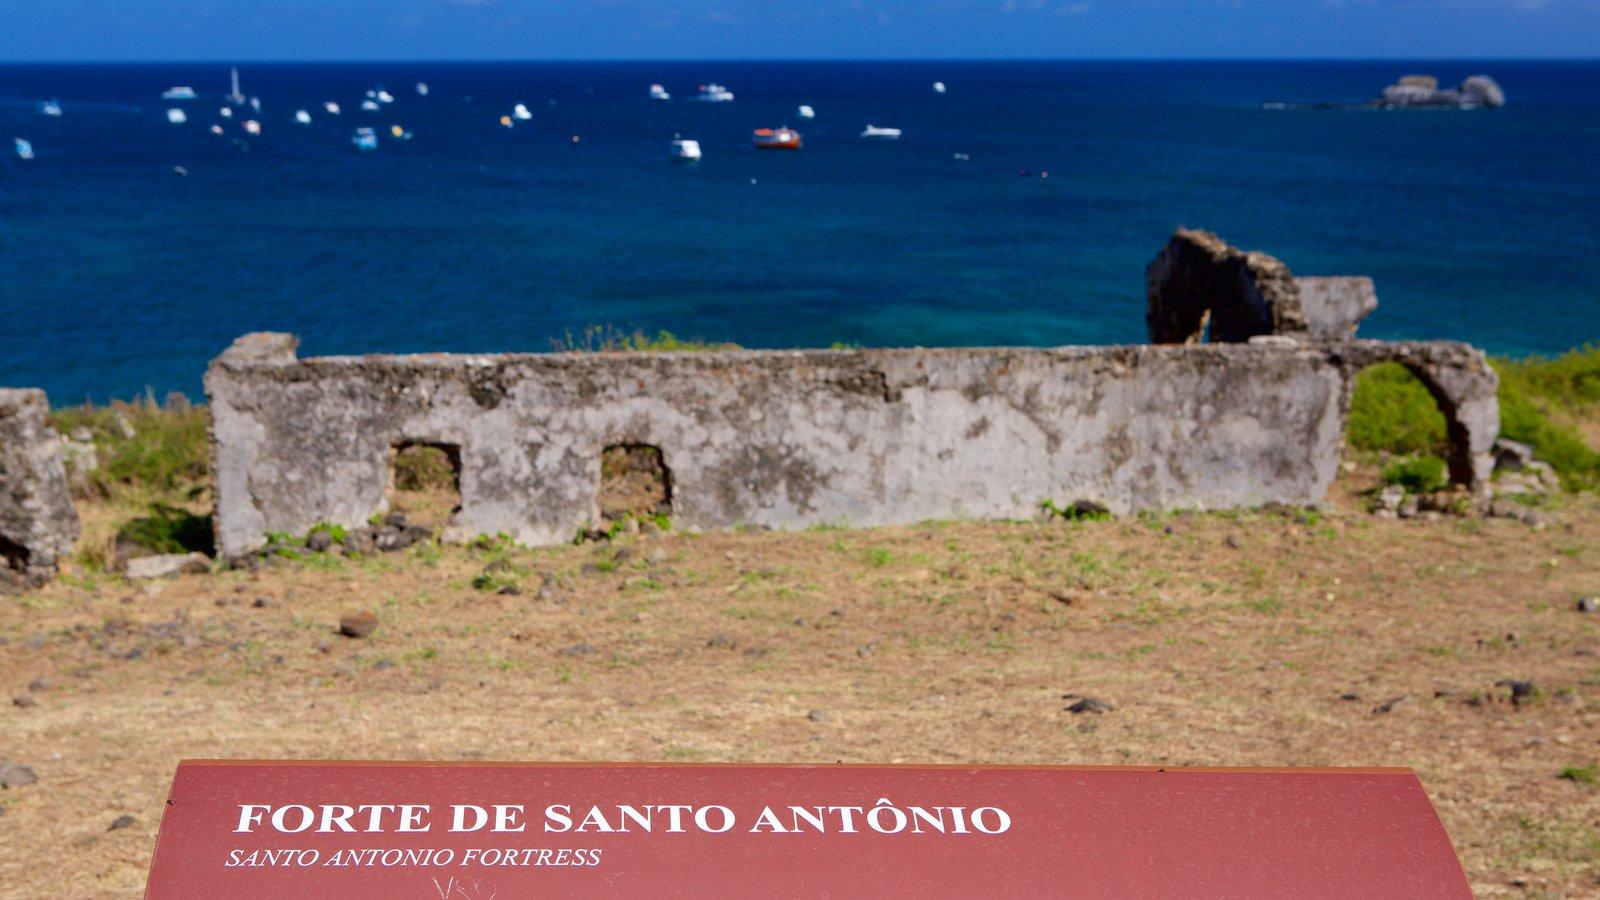 Ruínas do Forte de Santo Antônio mostrando uma ruína, elementos de patrimônio e paisagens litorâneas